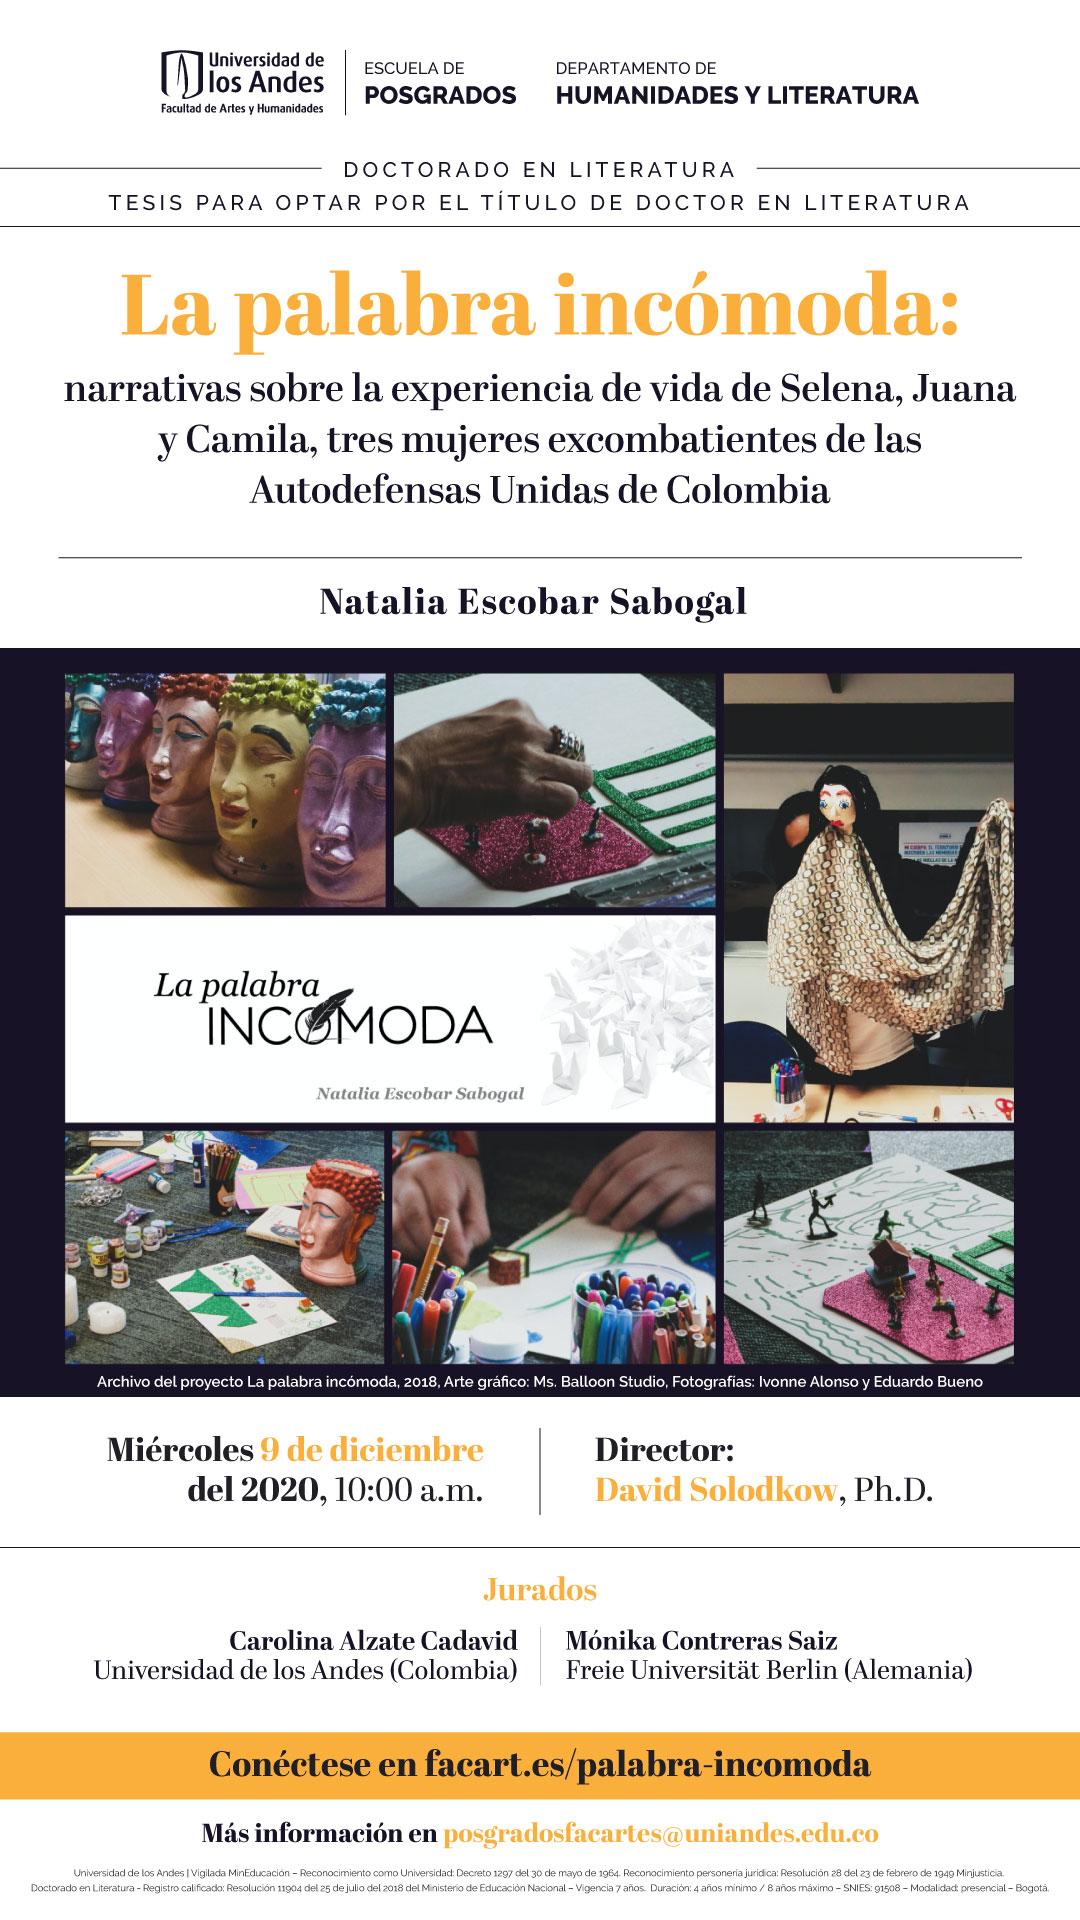 La palabra incómoda: narrativas sobre la experiencia de vida de Selena, Juana y Camila, tres mujeres excombatientes de las Autodefensas Unidas de Colombia